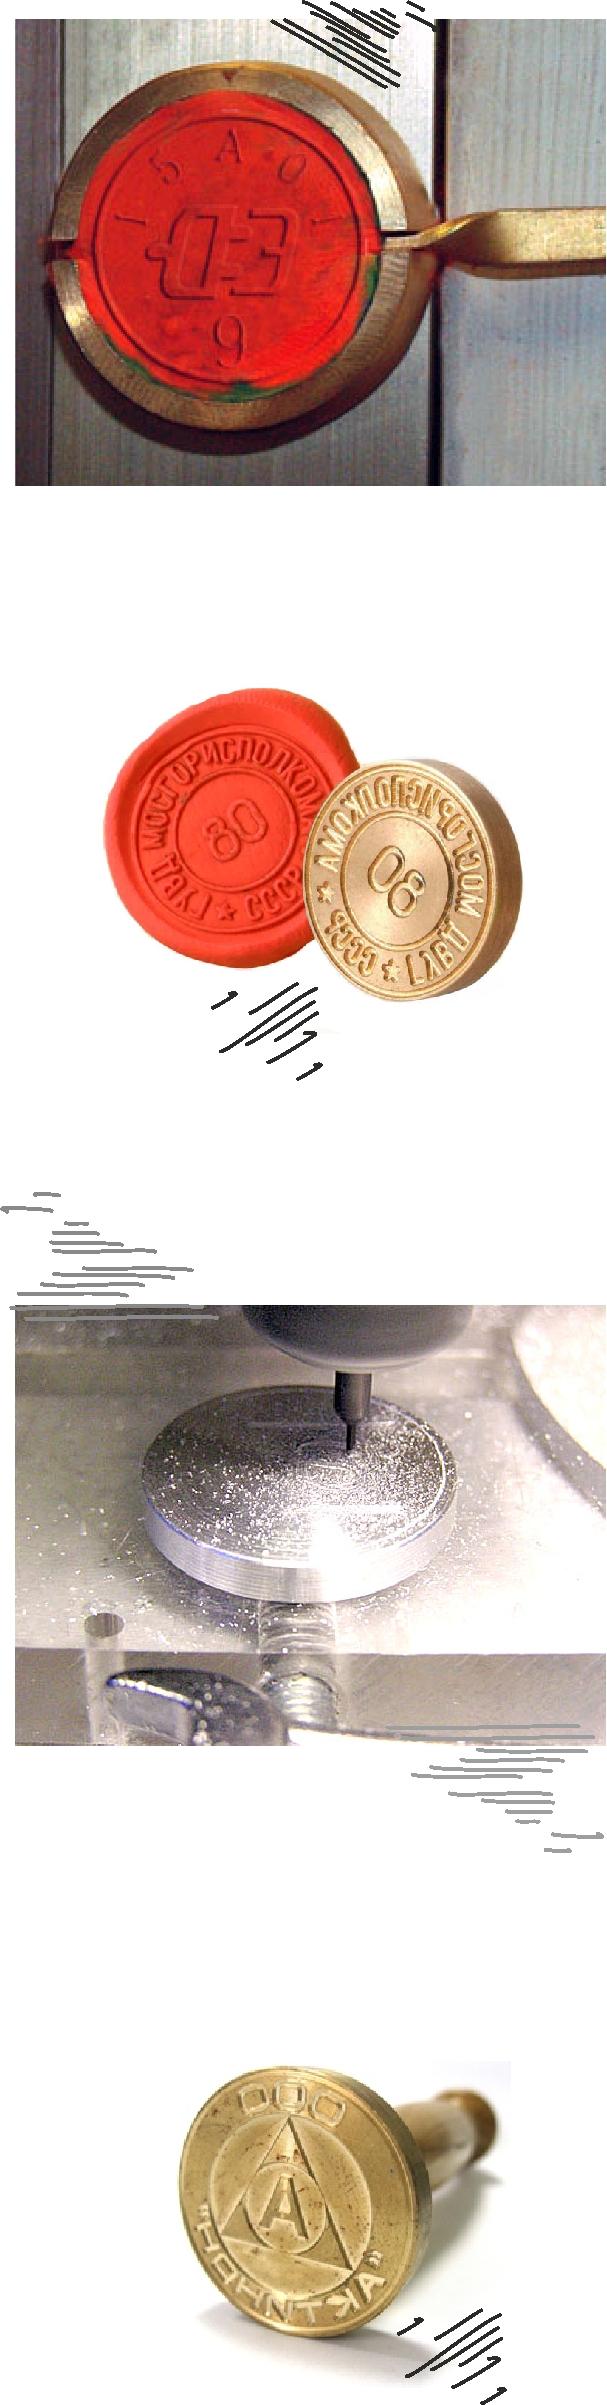 латунные печати и пломбиры